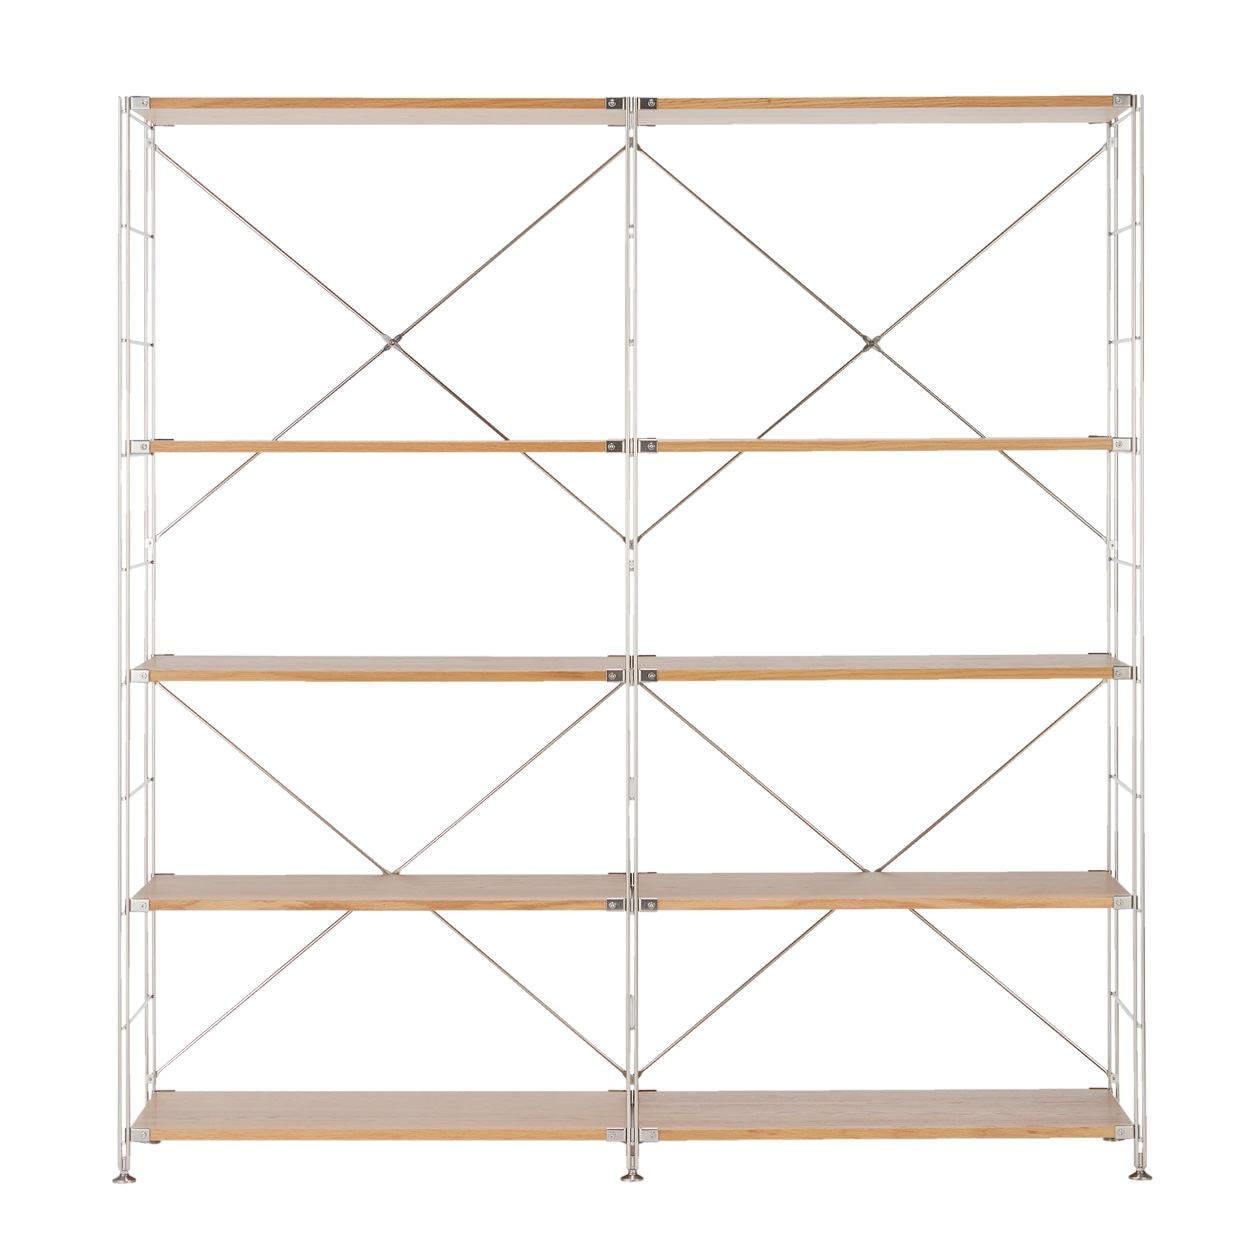 ステンレスユニットシェルフ・オーク材・壁面収納セット